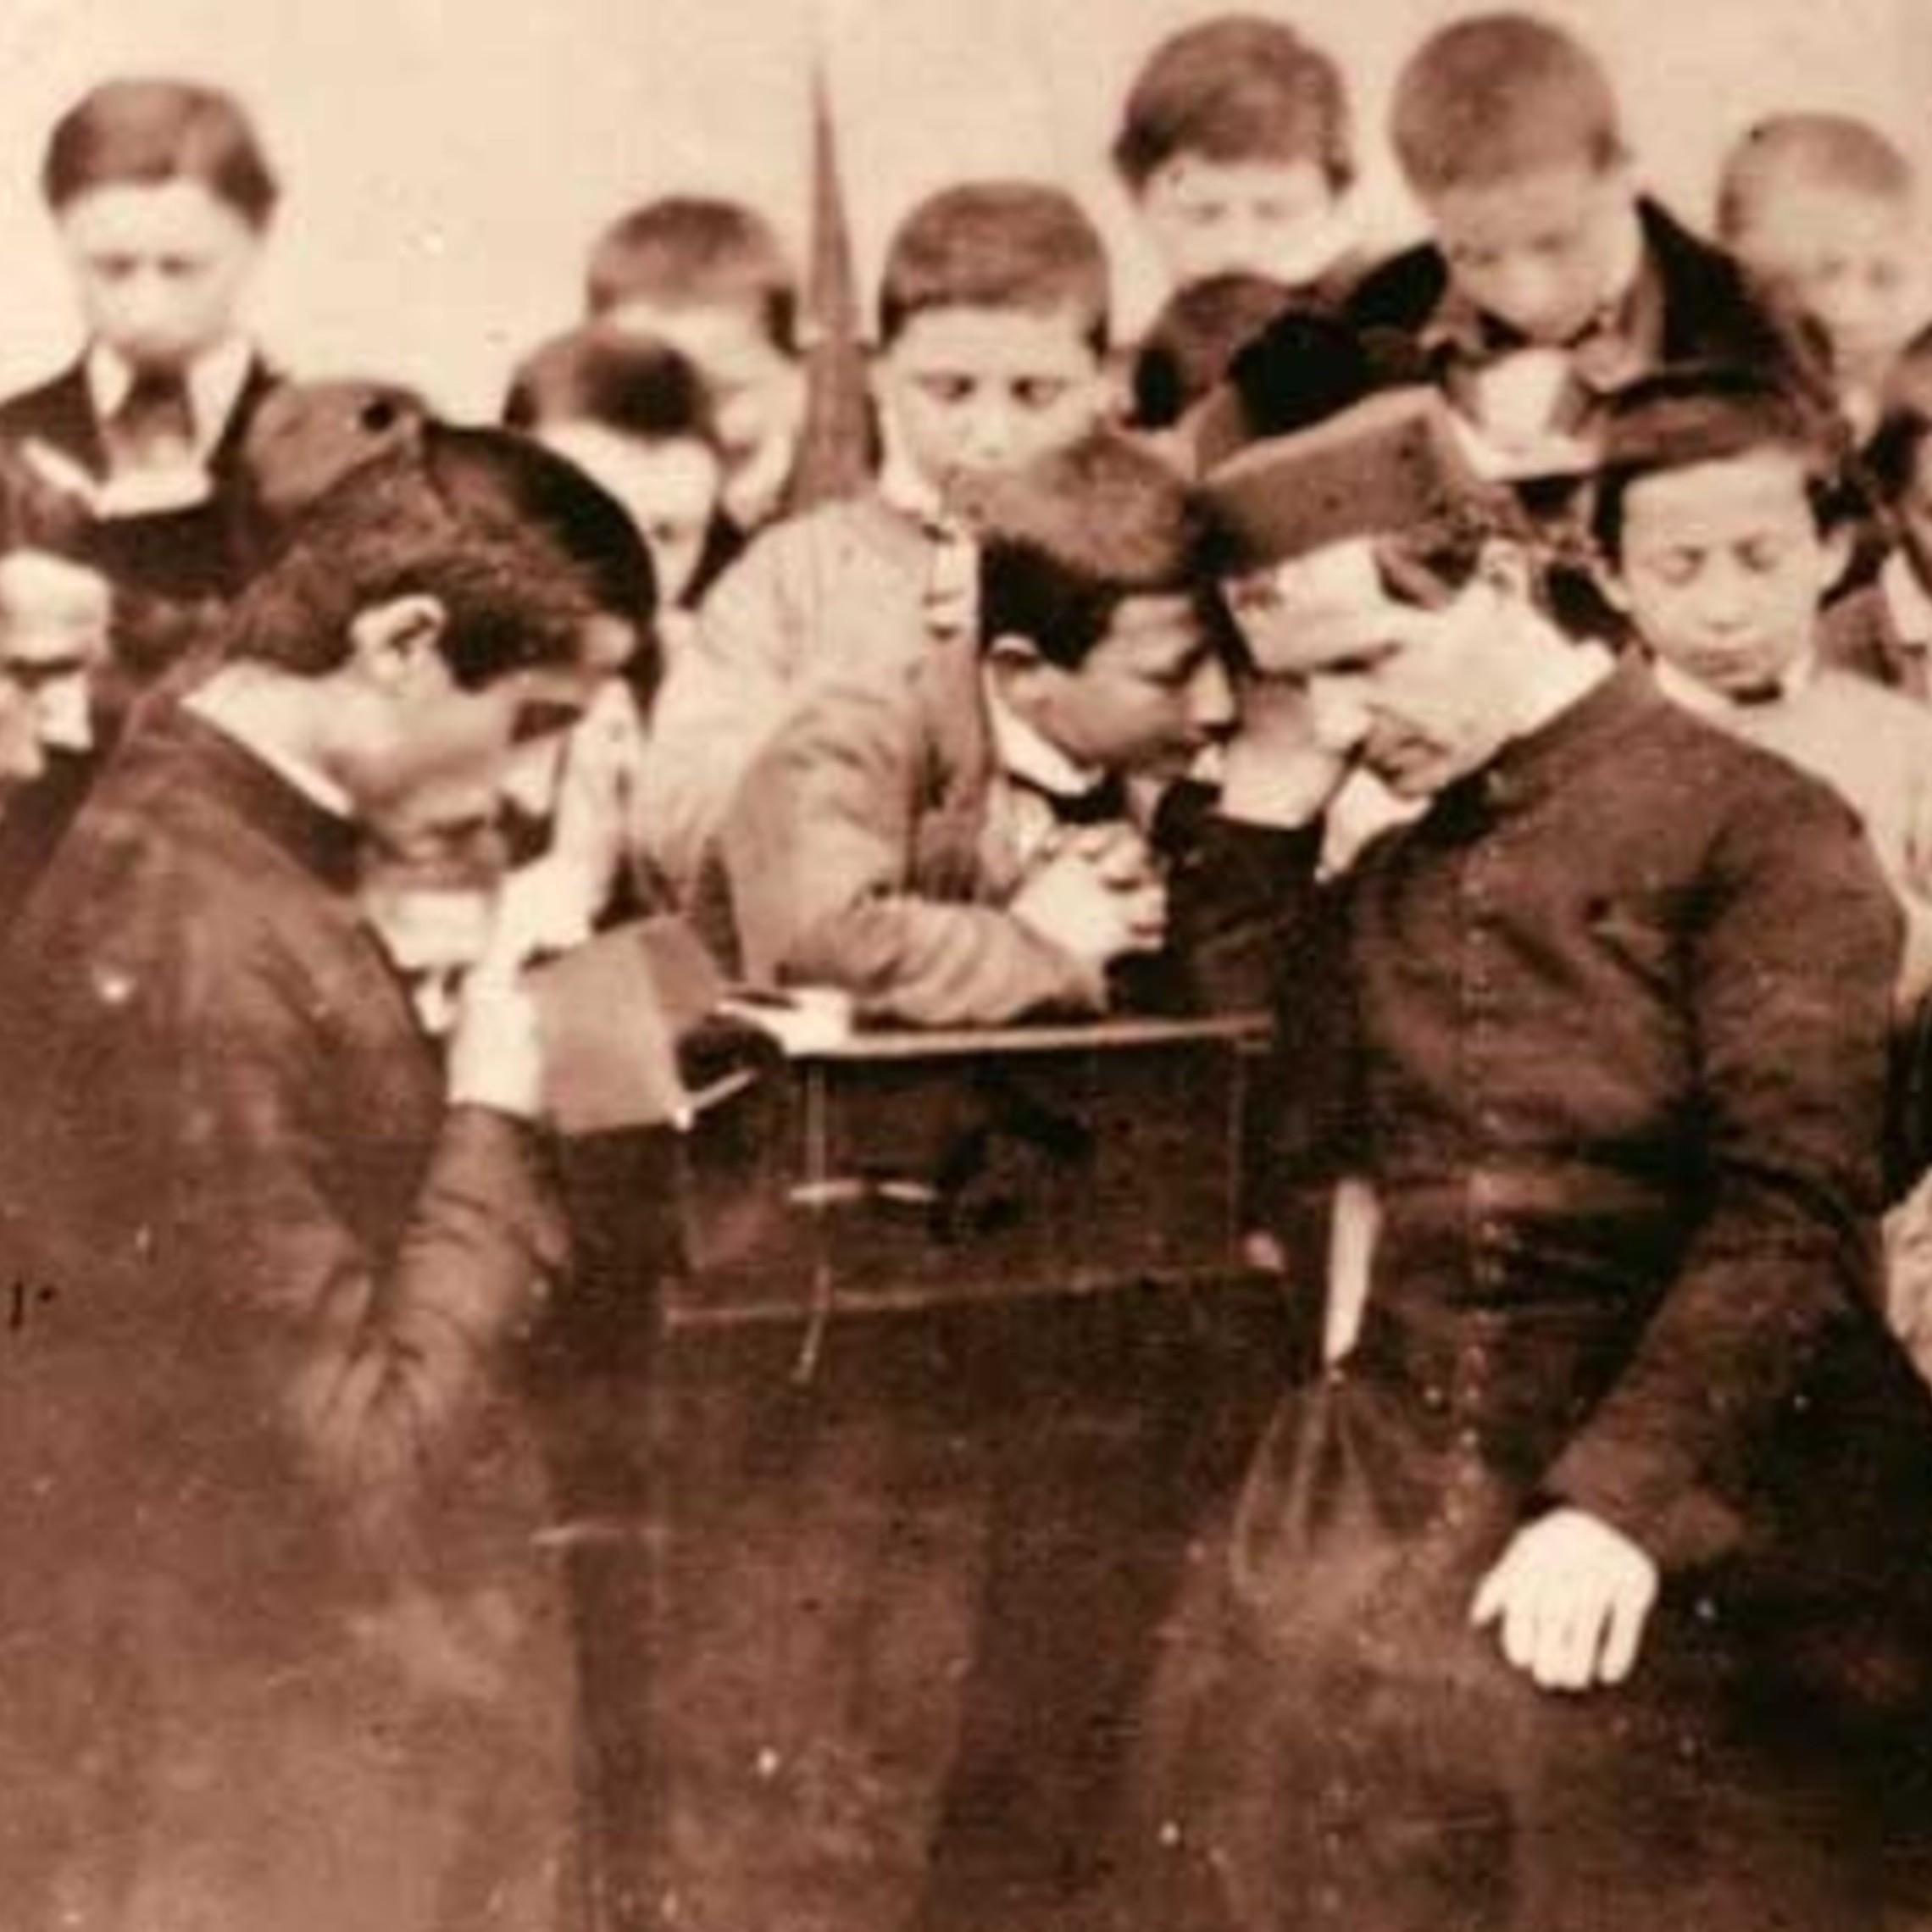 St. John Bosco Listen to a Child